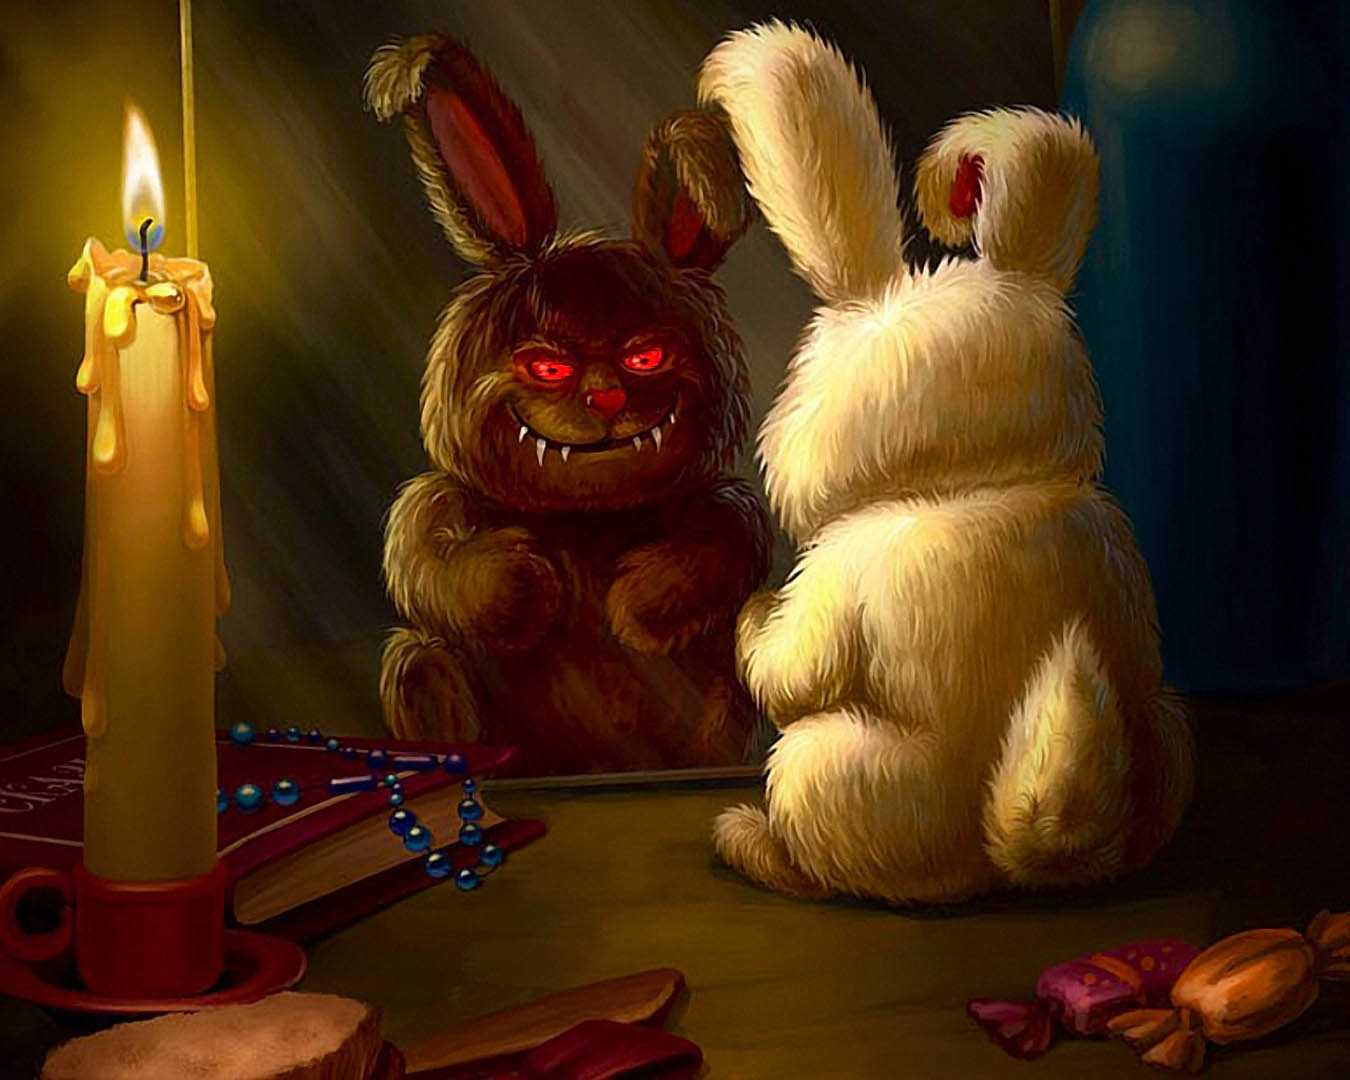 Possessed Demon Rabbit - fantasy monsters wallpaper image